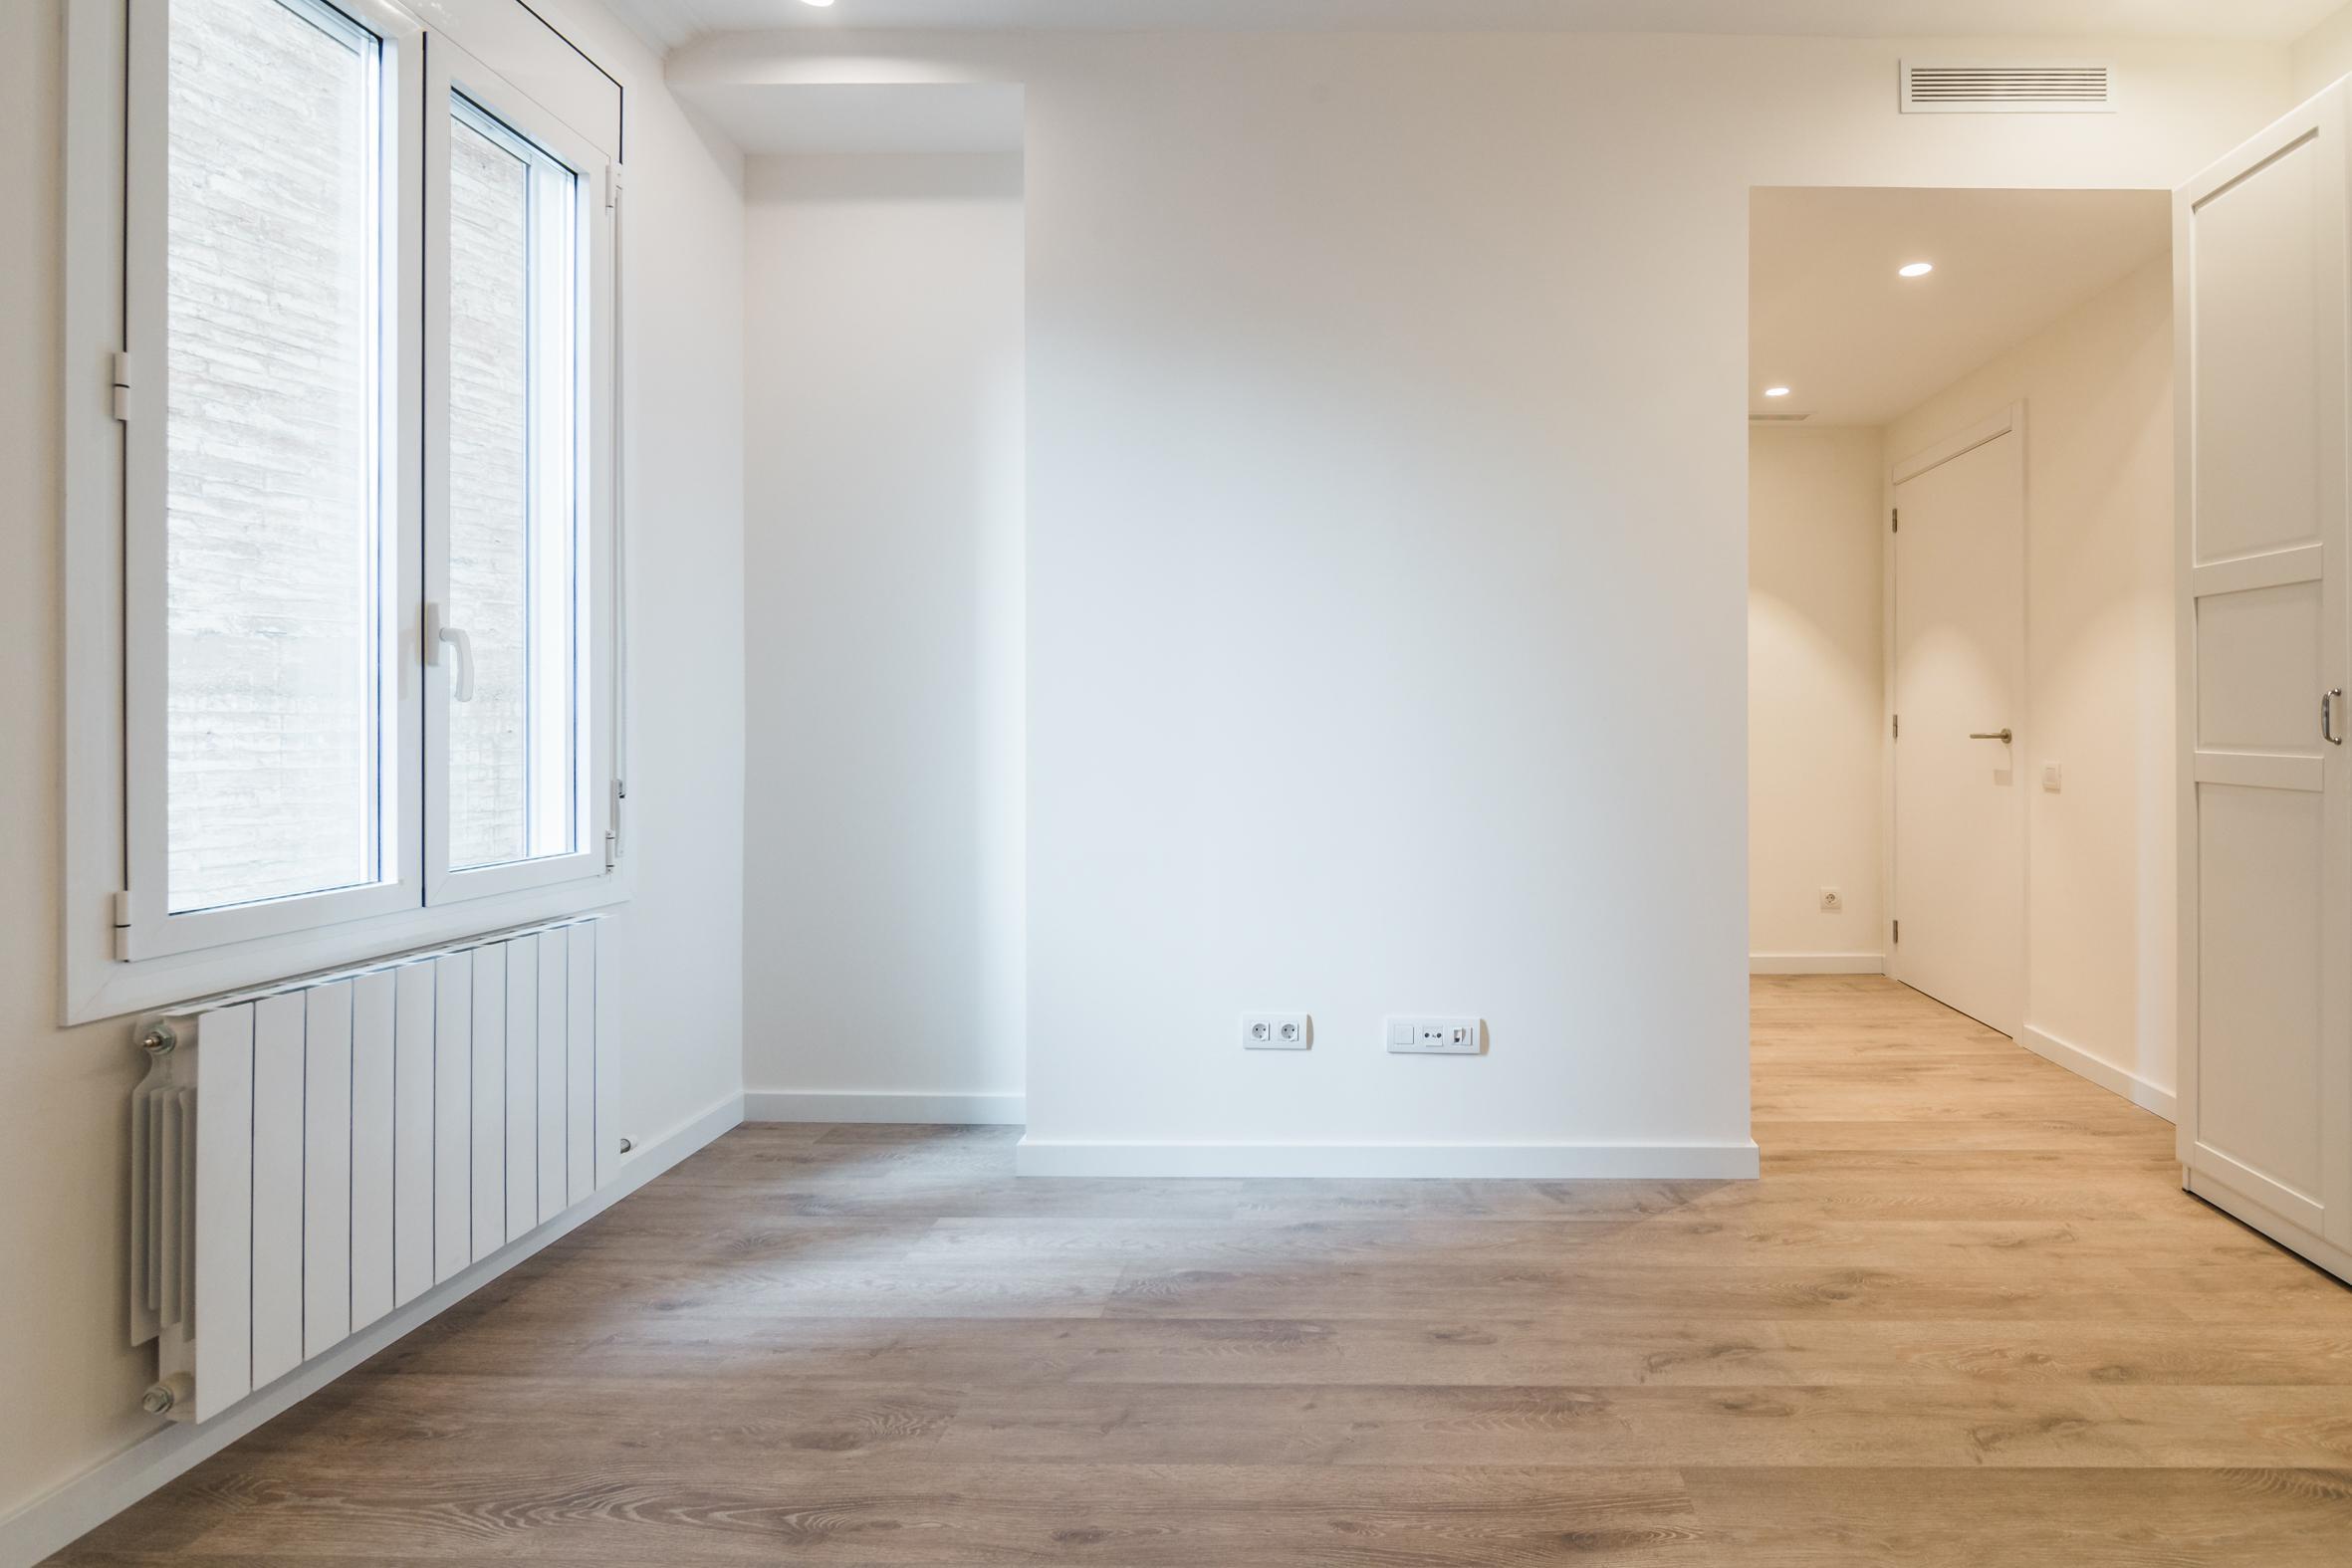 202959 Apartamento en venda en Sarrià-Sant Gervasi, St. Gervasi-Bonanova 16